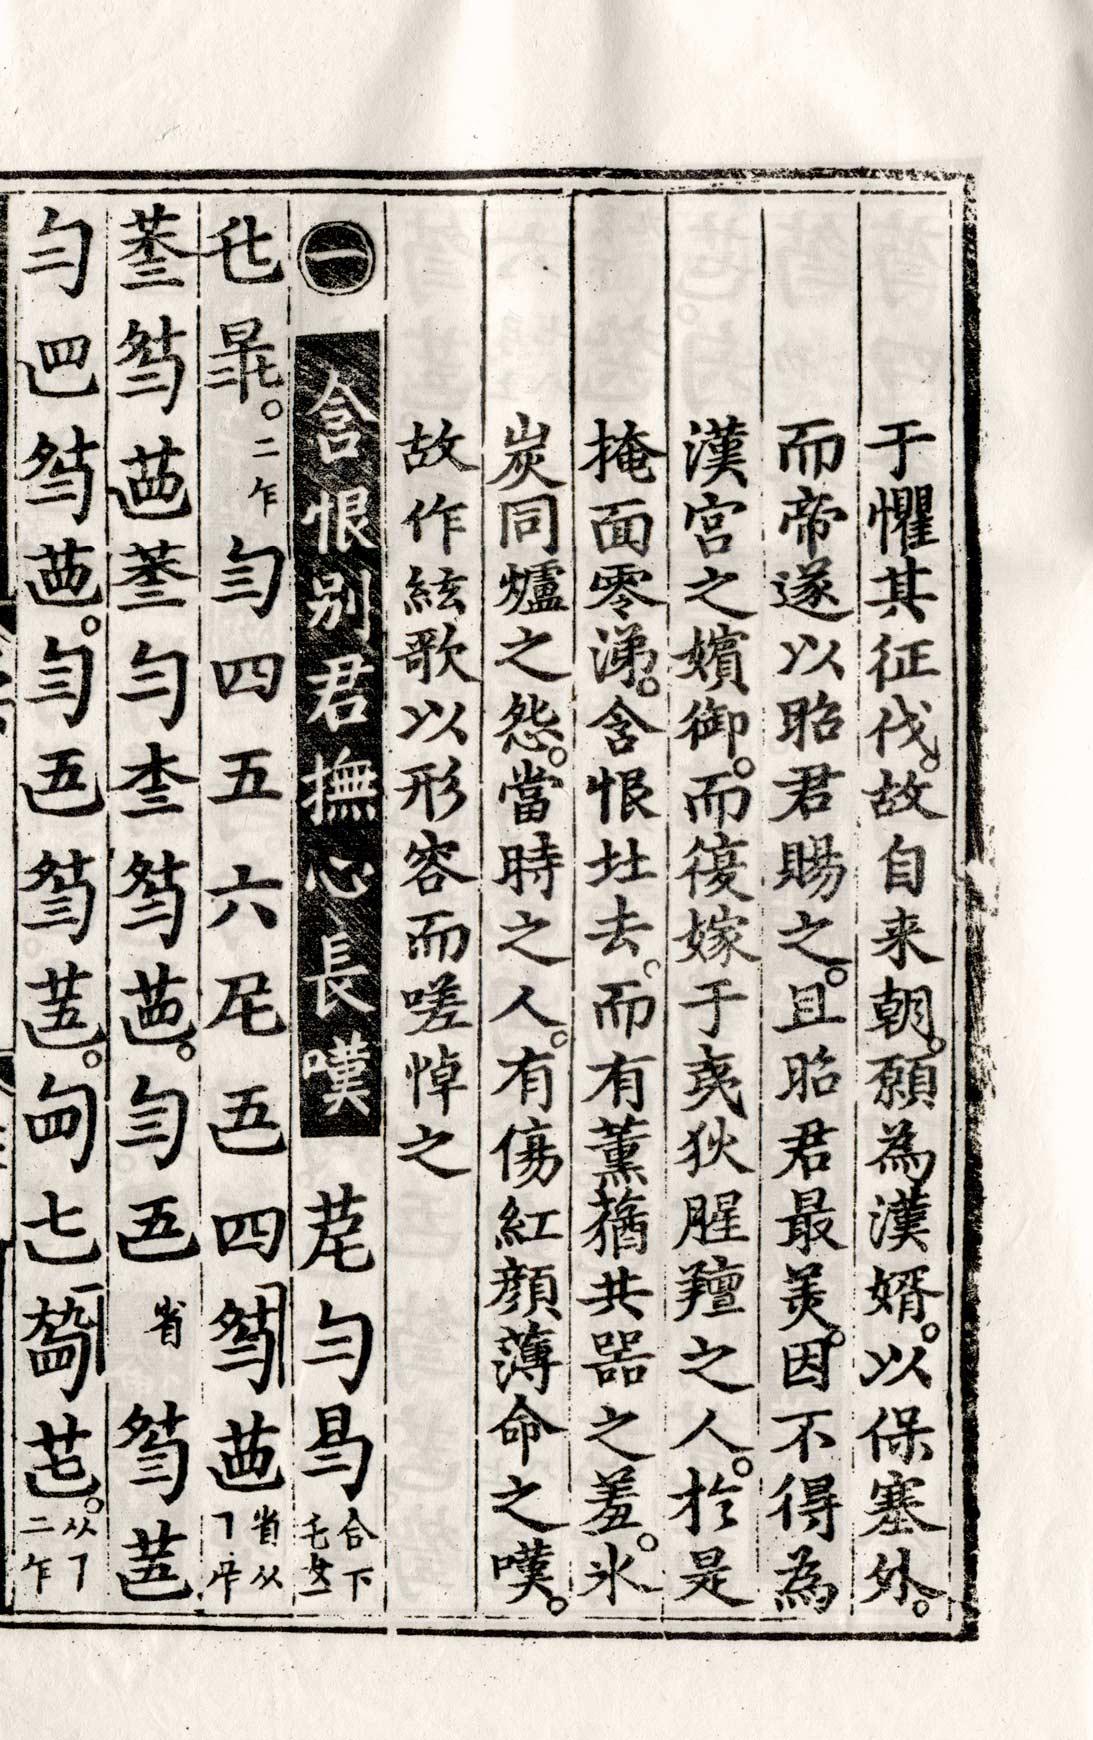 Shenqimipu - Page-1